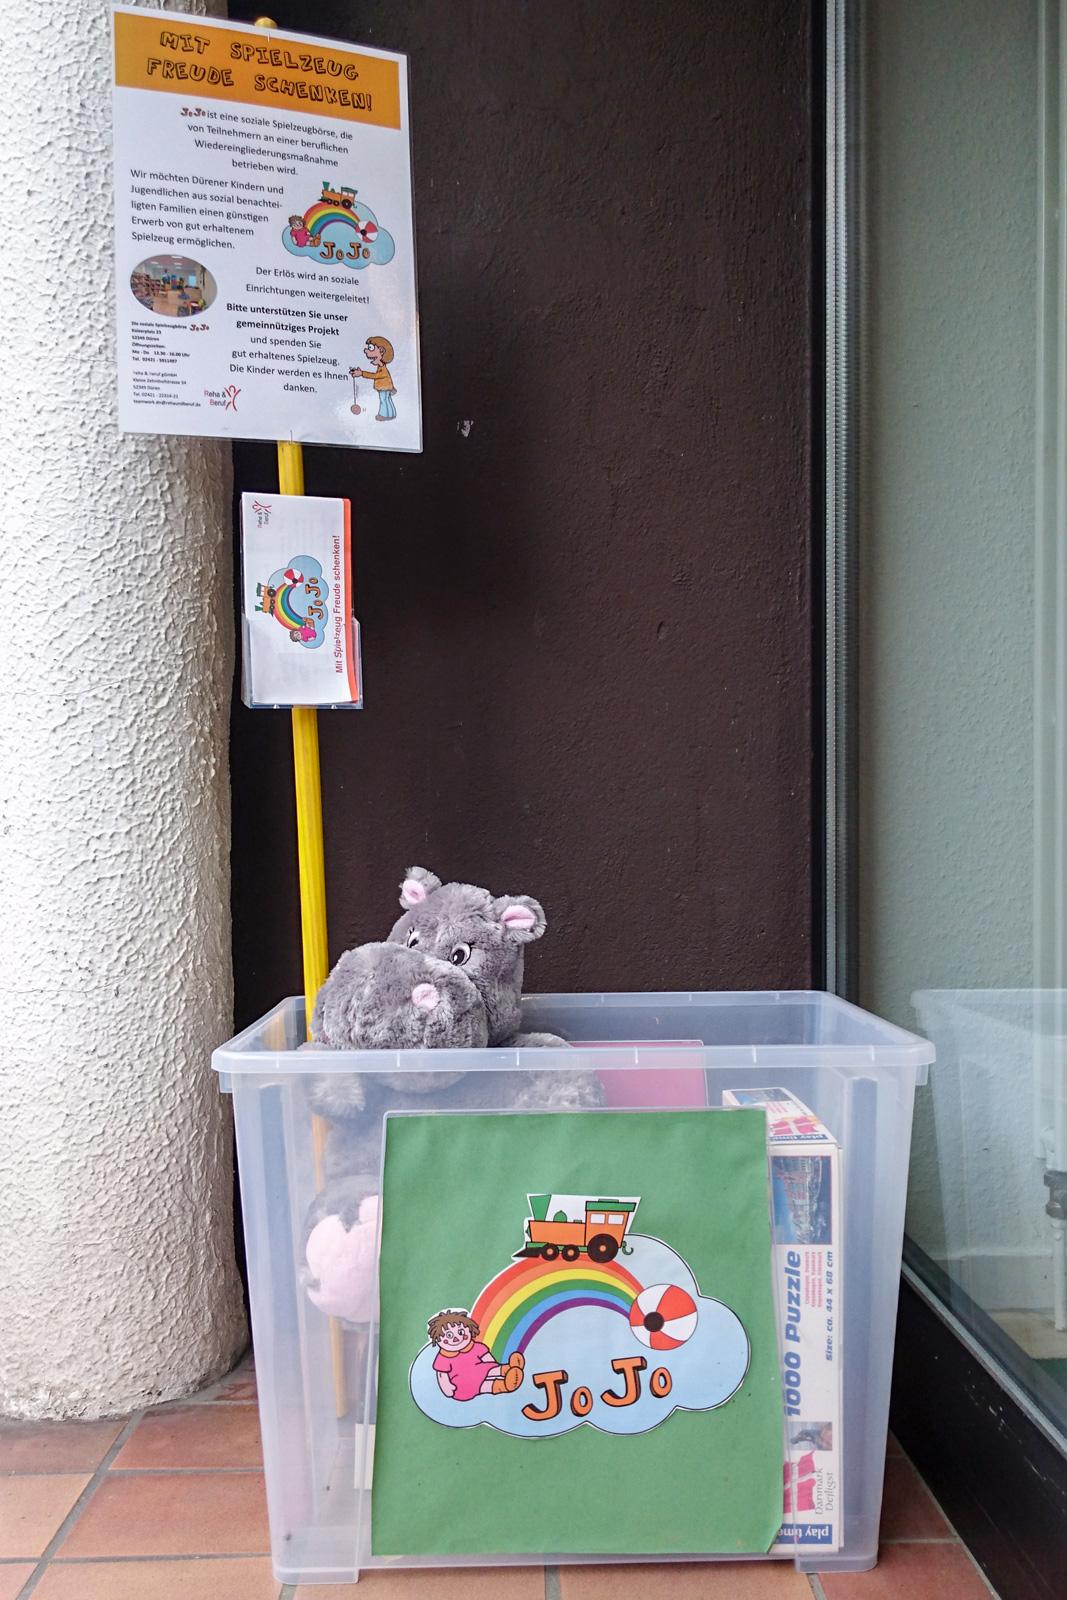 Spenden-Boxen für Spielzeuge des JoJo-Projekts